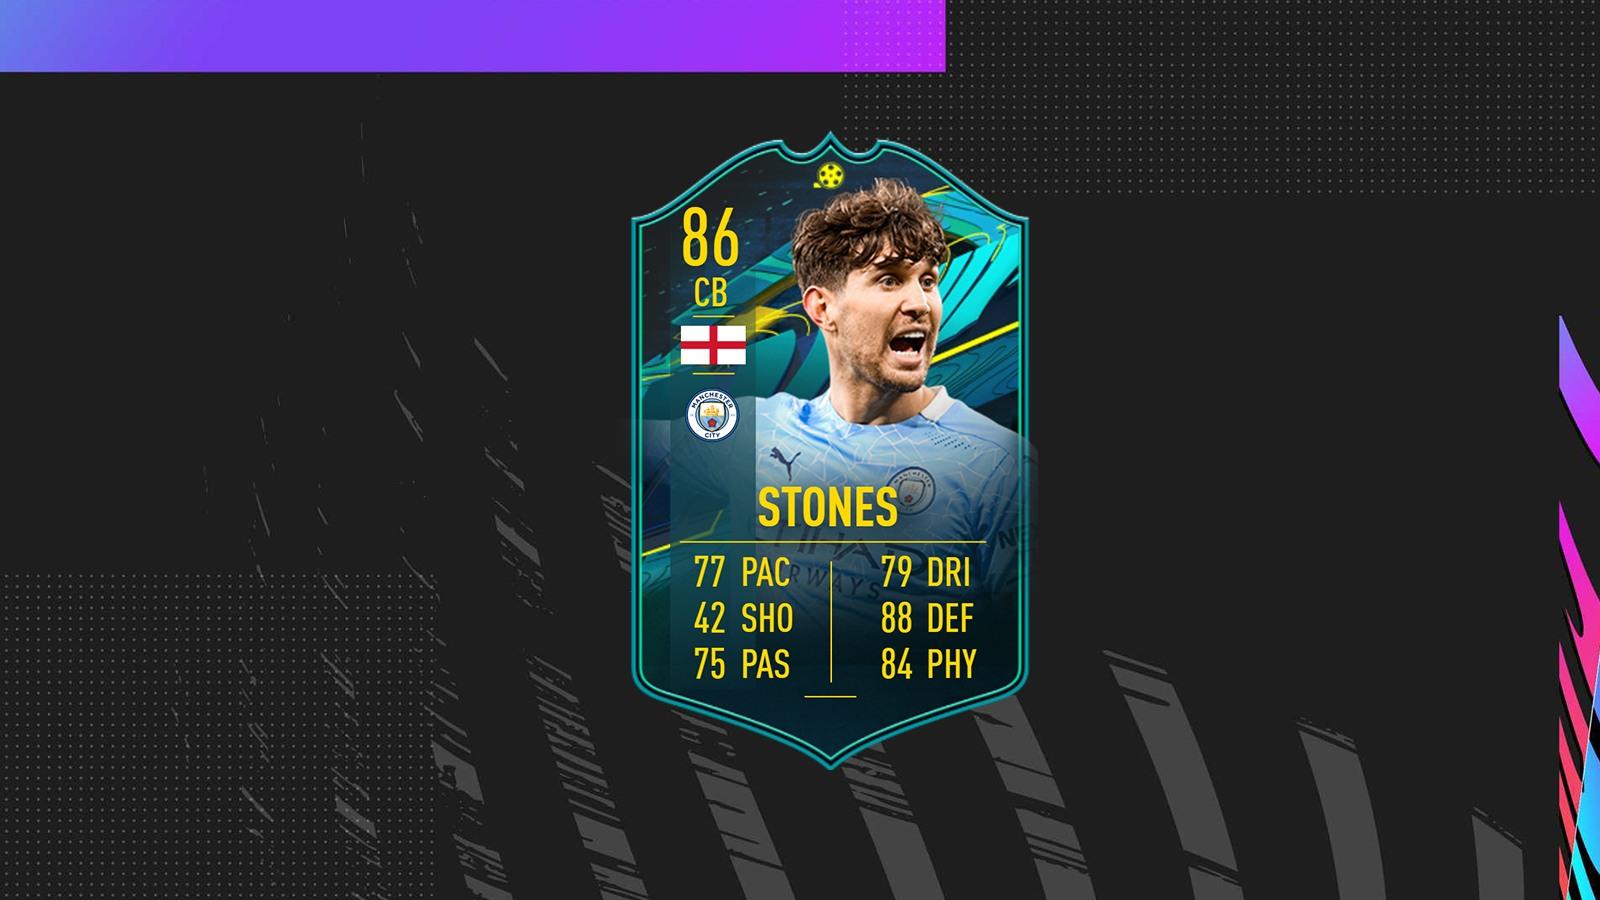 DCE John Stones Moments FIFA 21